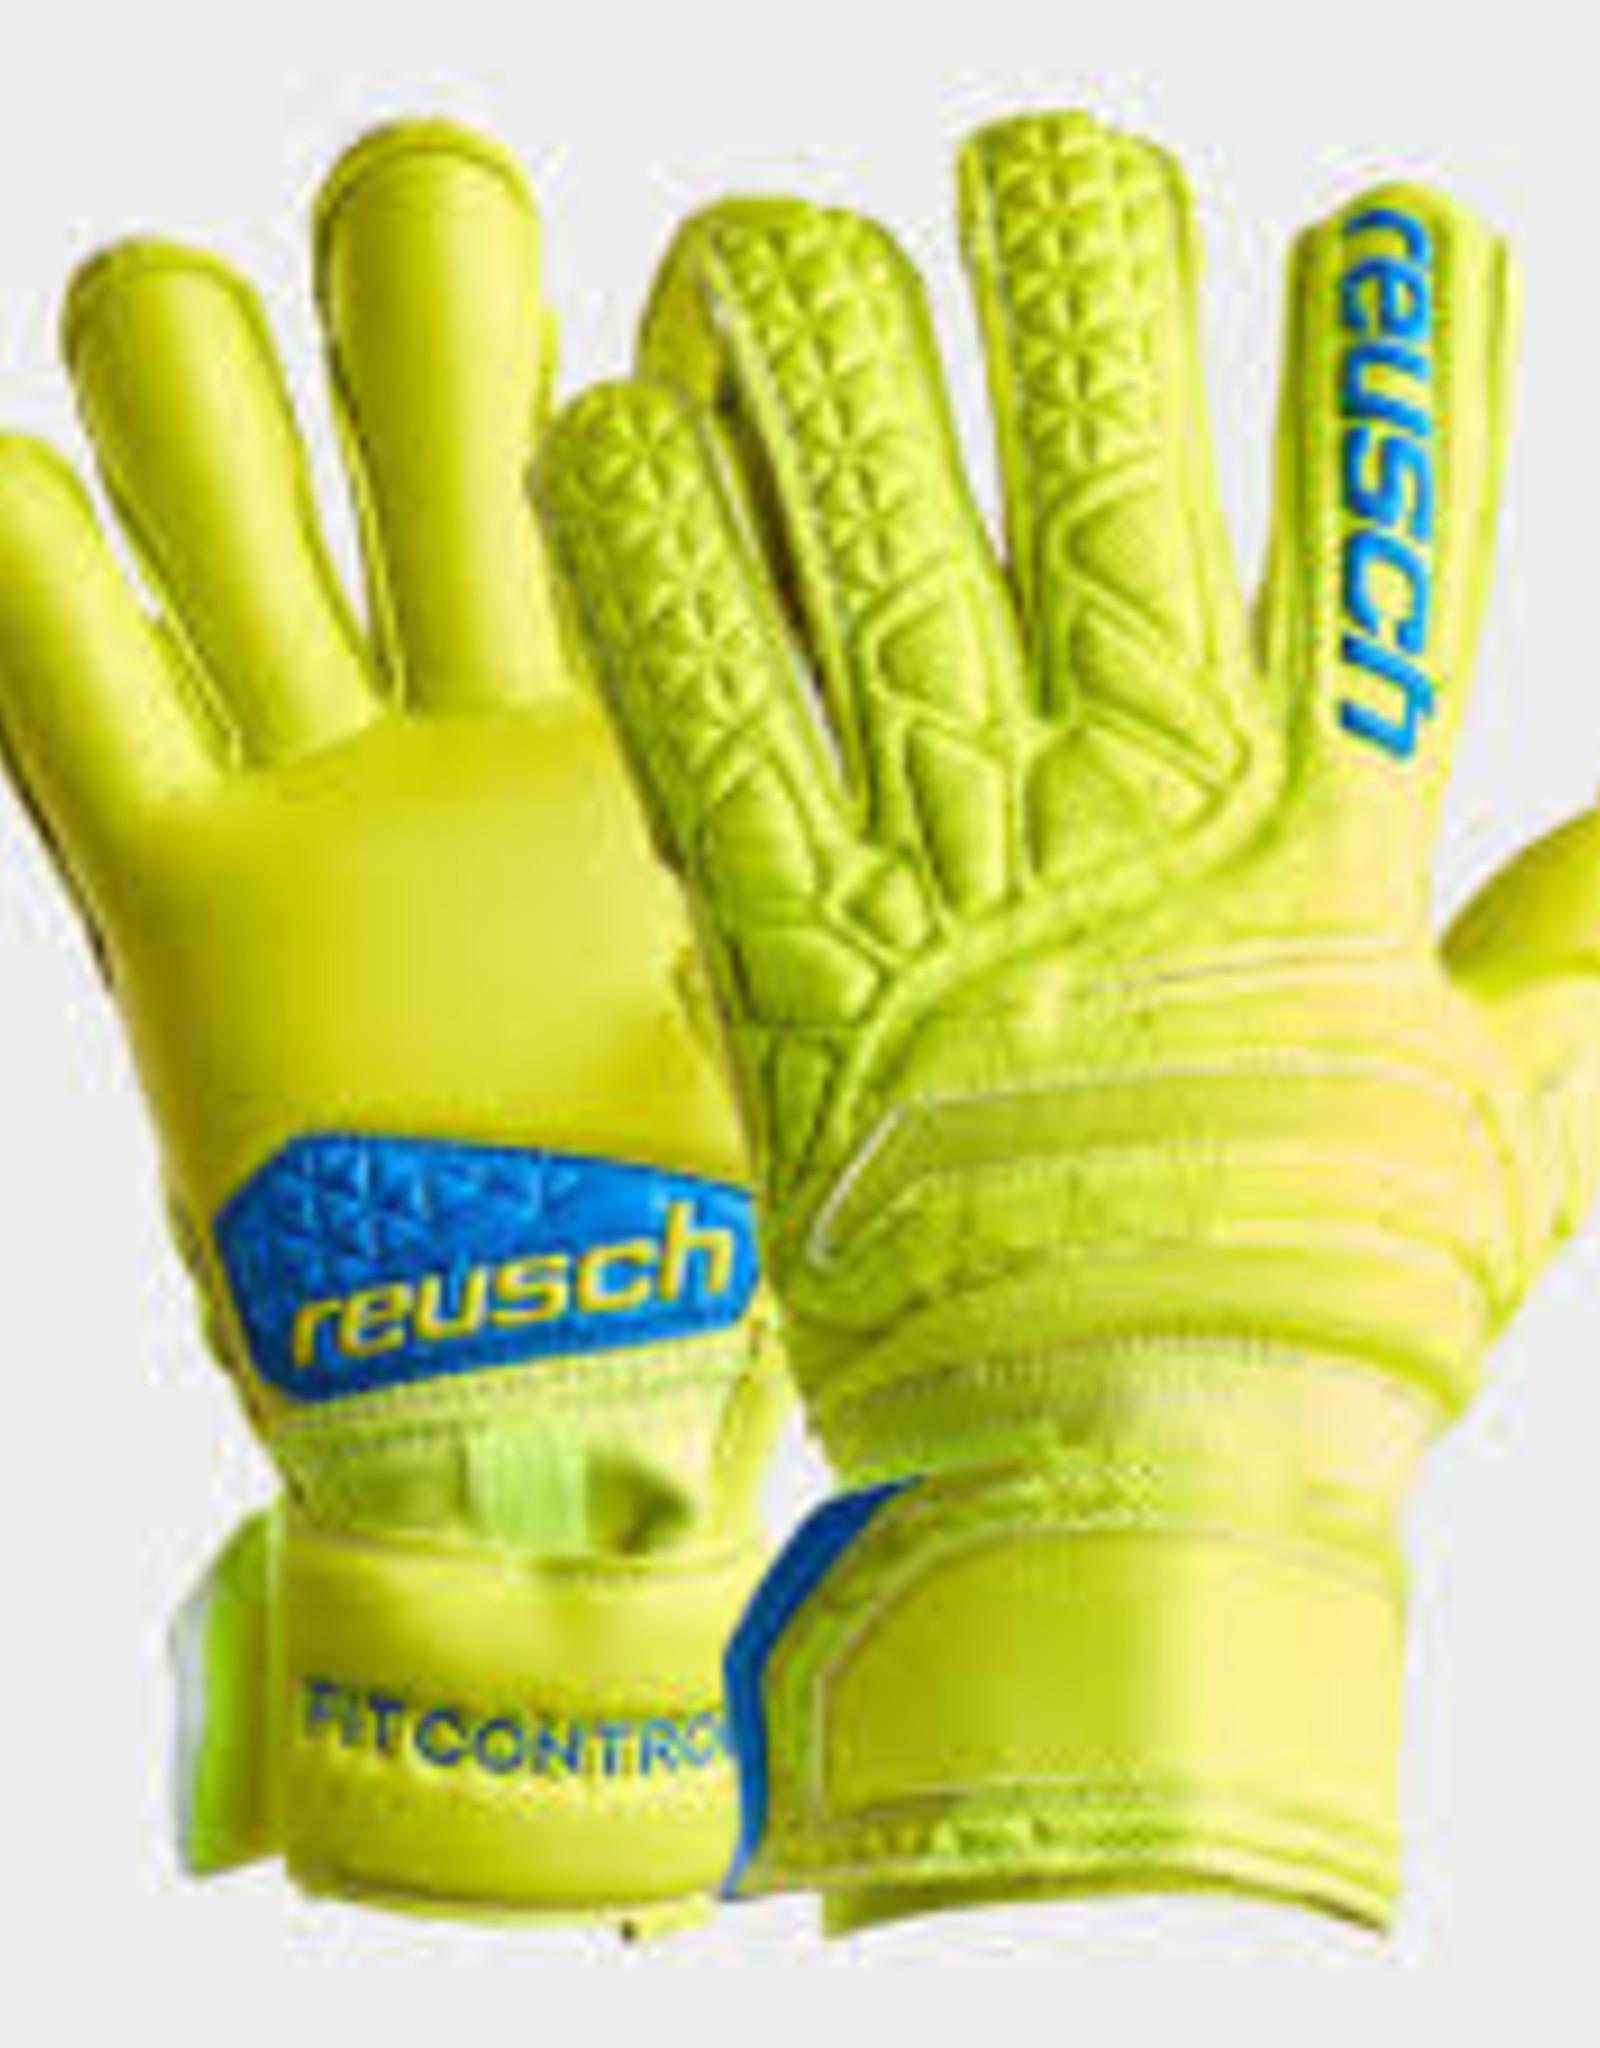 Reusch Reusch Fit Control MX2  FS